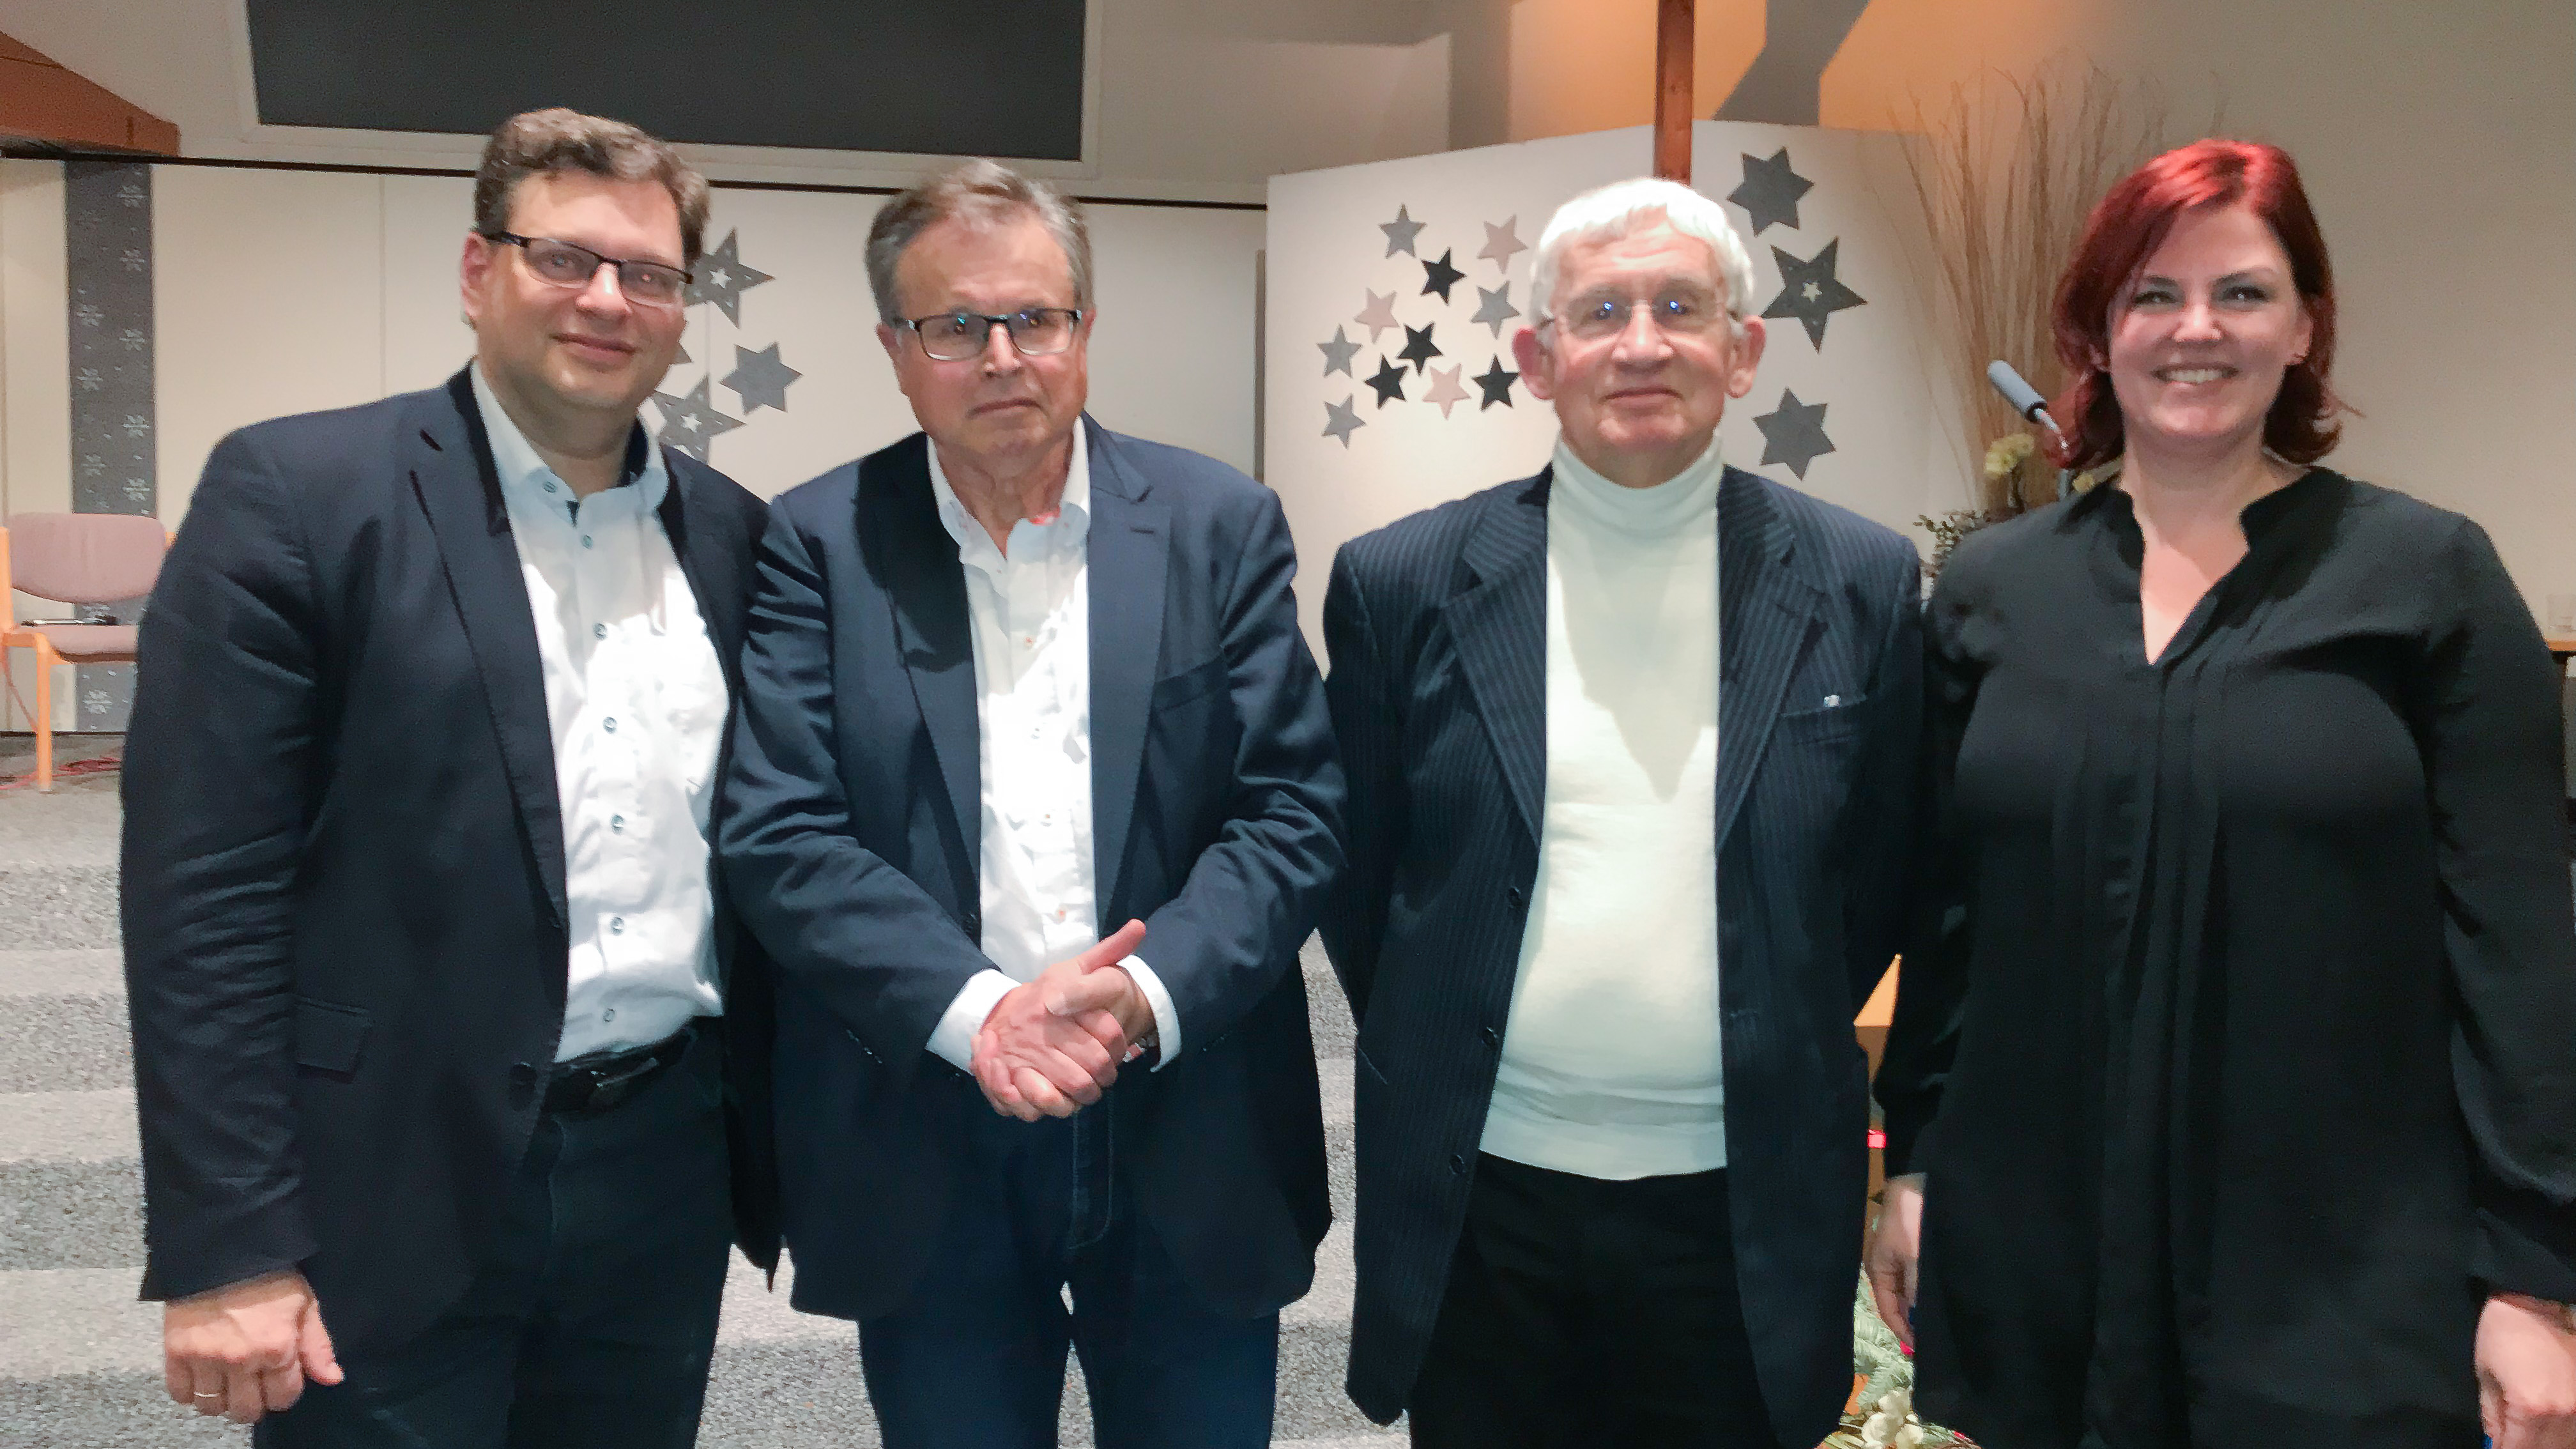 Thorsten Dietz (links) und Joachim Kahl (3. von links) stritten in Marburg gemeinsam über die Plausibilität des Glaubens. Anlass war die Buchvorstellung des Buchs von Jürgen Mette (2. von links). Johanna Klöpper (rechts) moderierte die Veranstaltung.